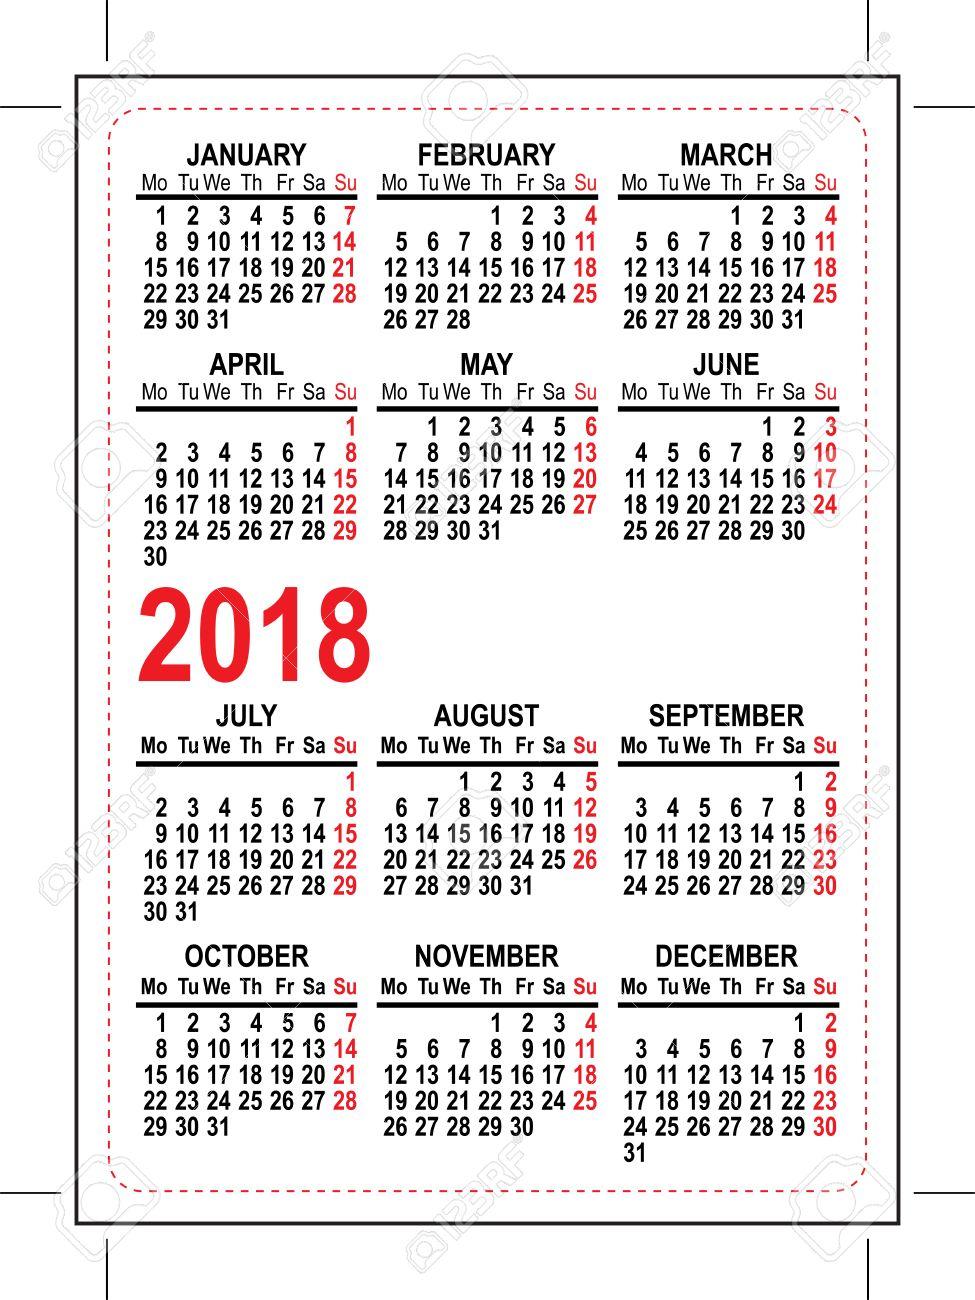 Grid Pocket Calendar Illustration In Vector Format Royalty - Calendar format